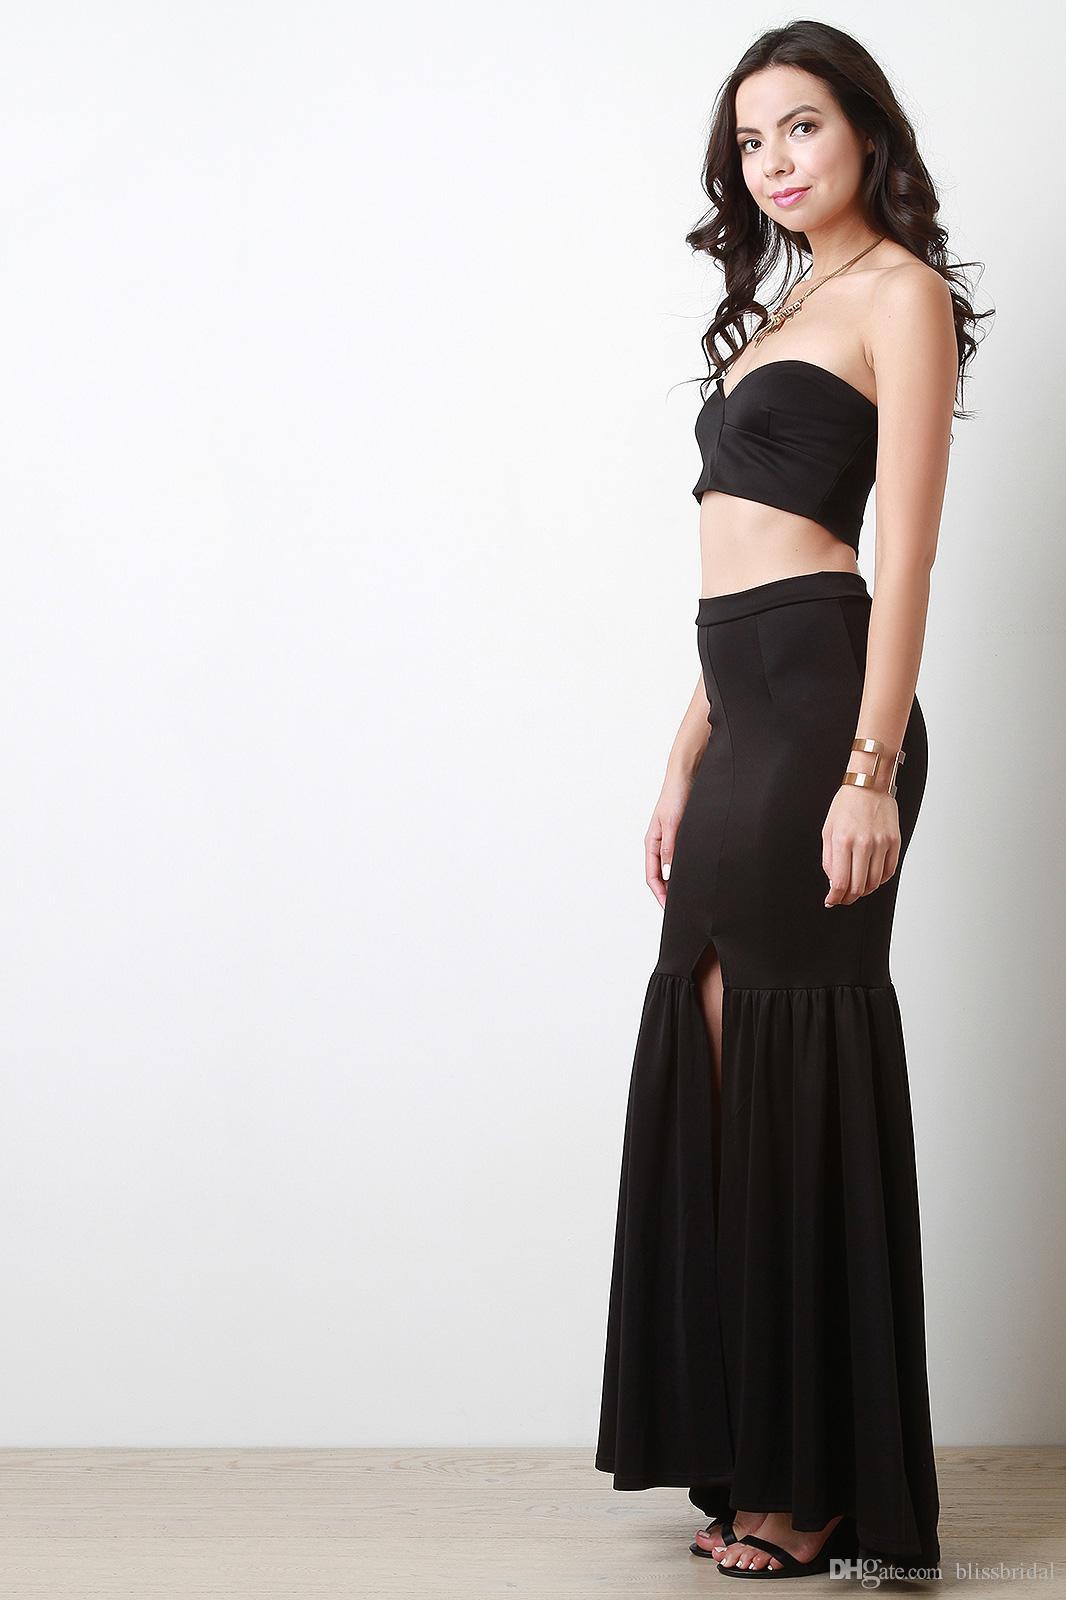 Gogerous Elastic Satin Girls Skirts Real Image Skirts for Girls Custom Made Pleats HighSplit Mermaid Skirts New Arrival